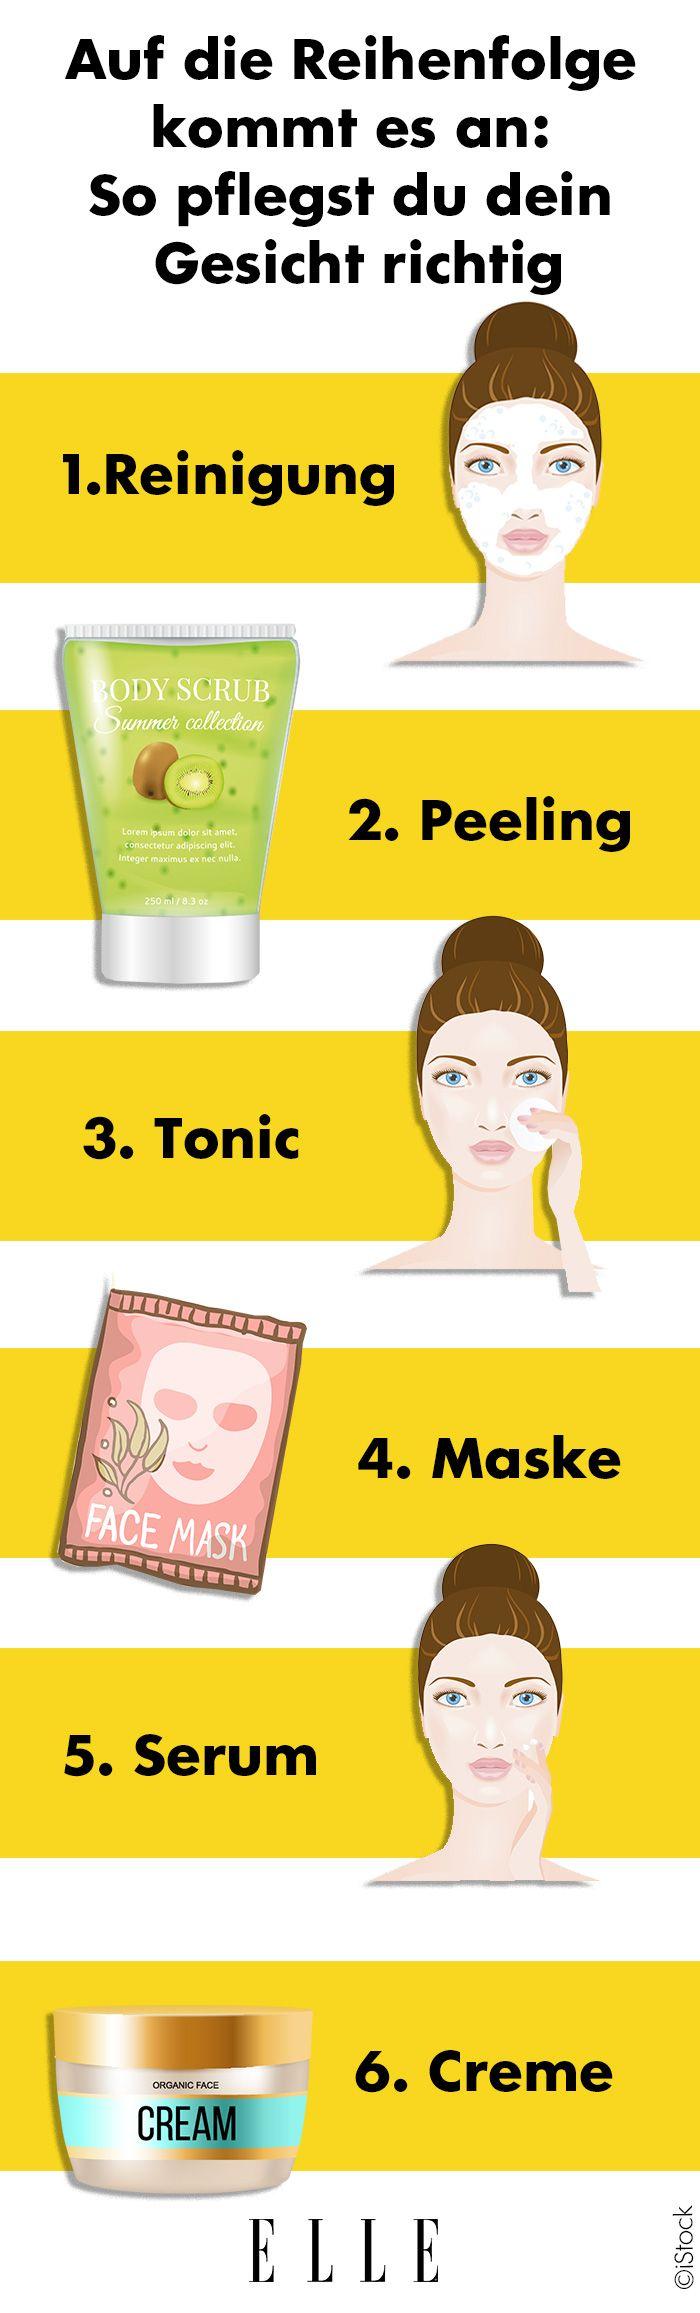 Gesichtspflege: Auf die Bestellung kommt es an – Beauty Grundwissen